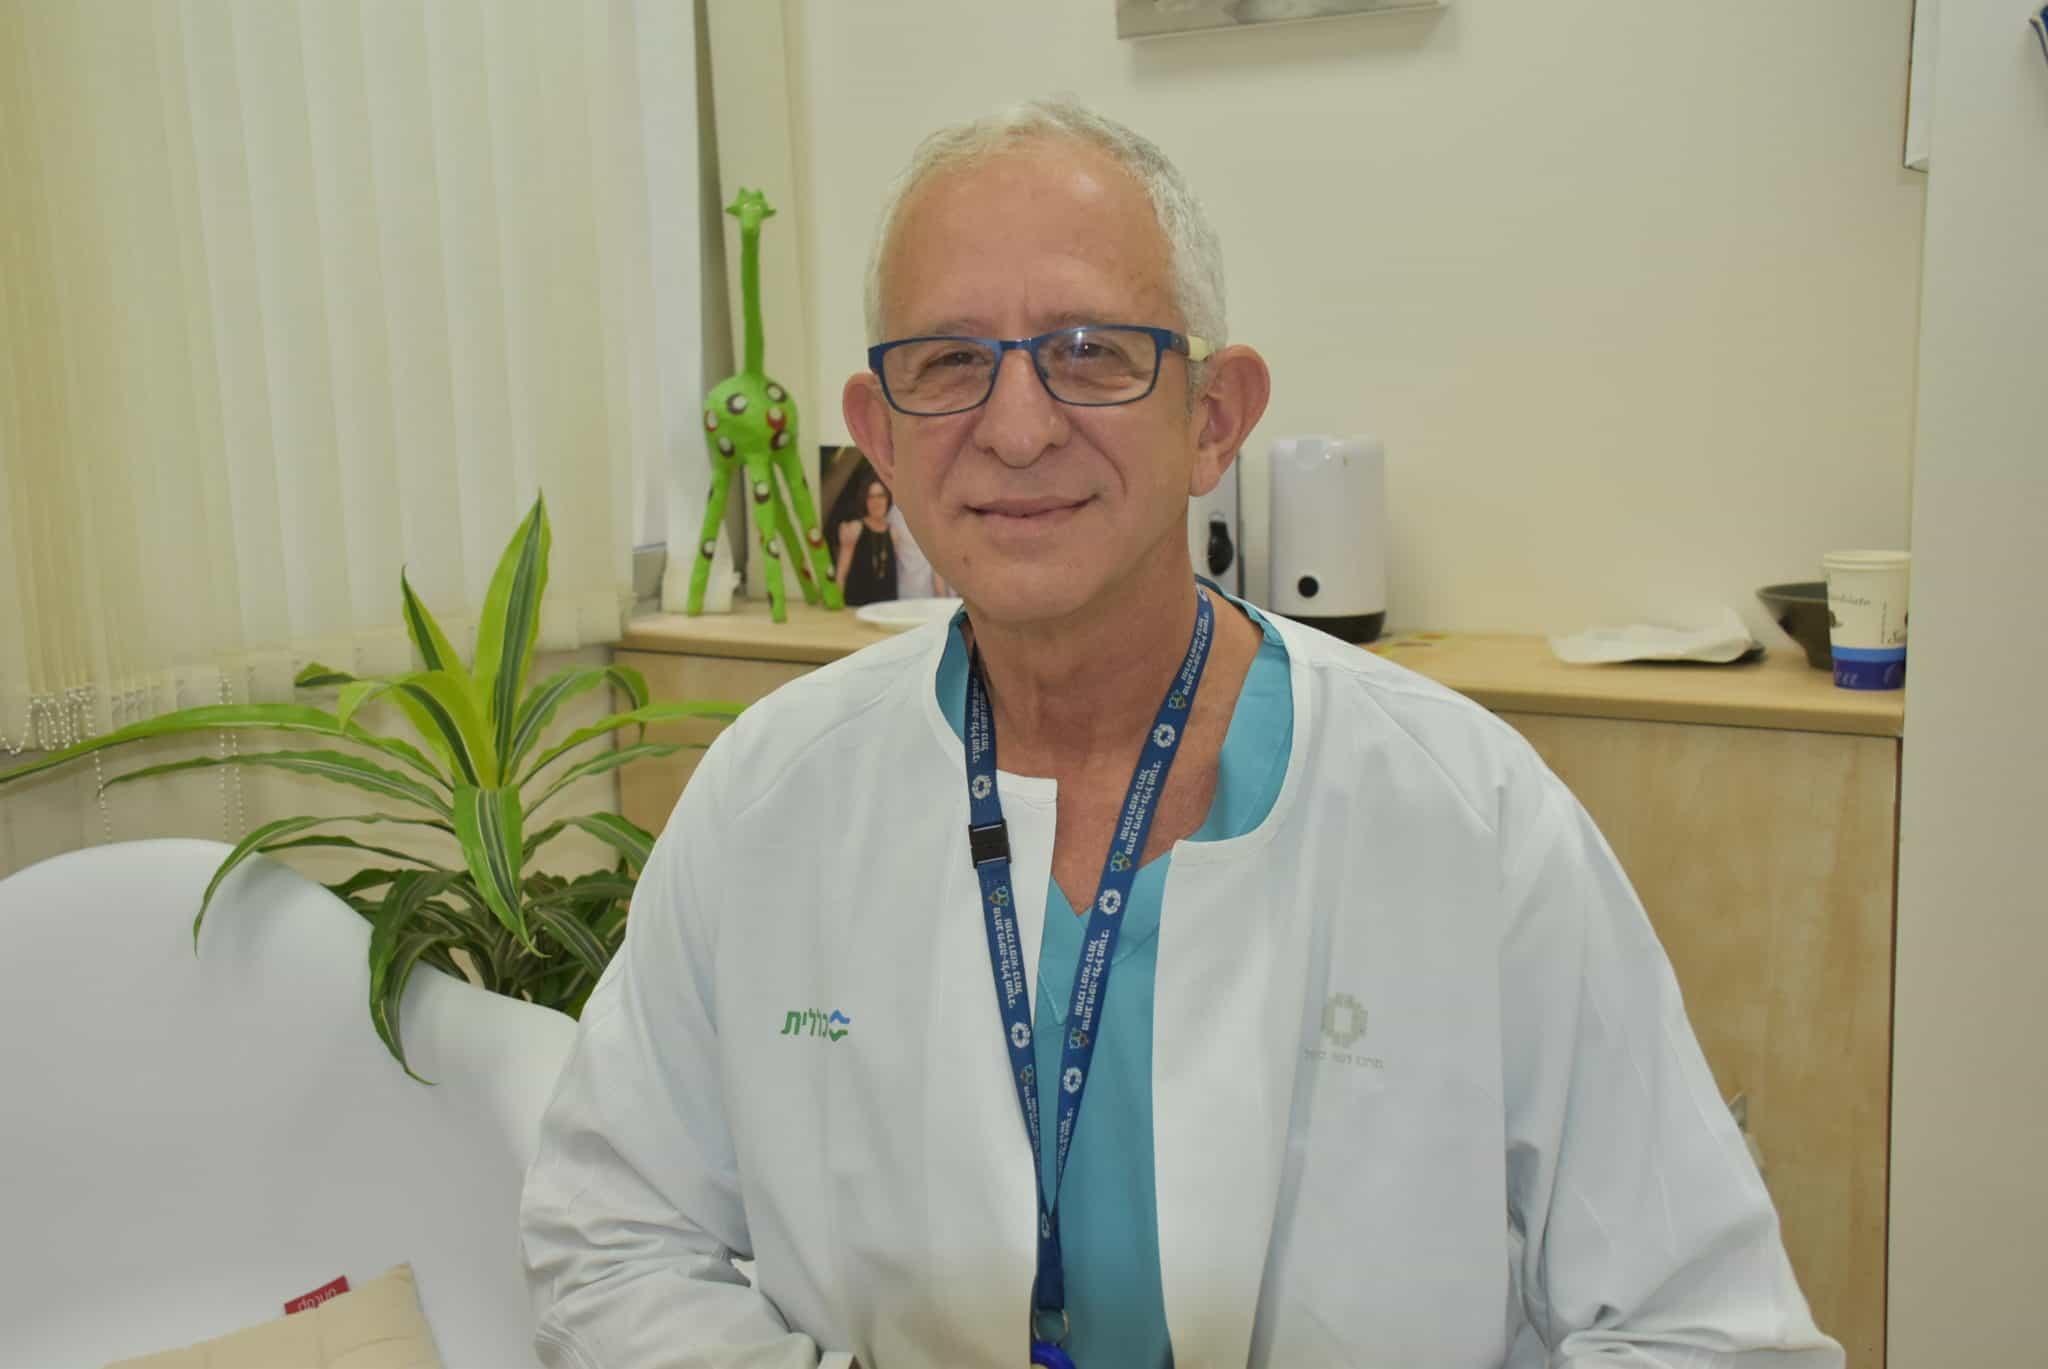 """ביה""""ח כרמל: מונה רנטגנאי ראשי חדש"""